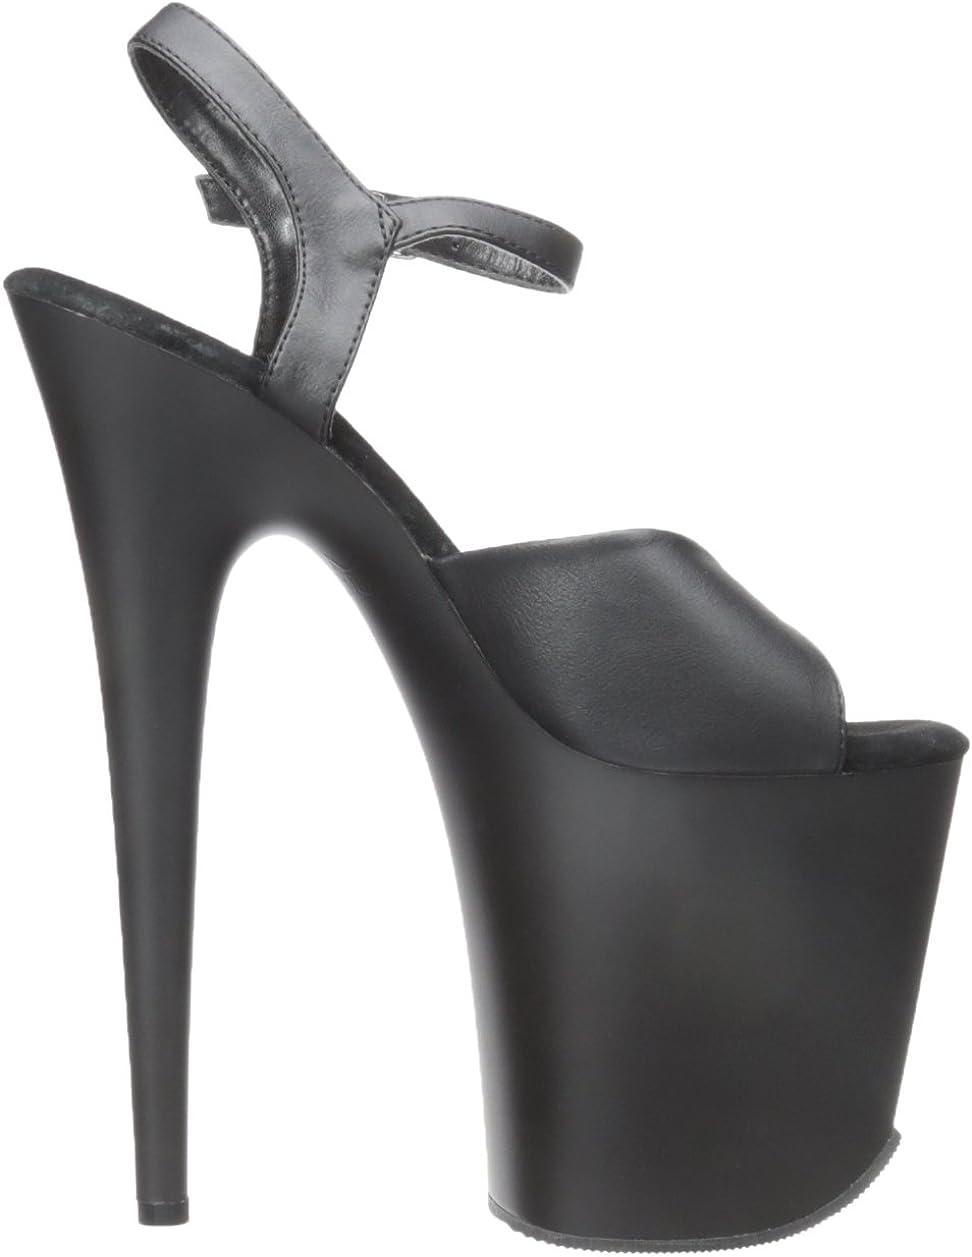 Sandales Bout Ouvert Femme Pleaser Flamingo-809